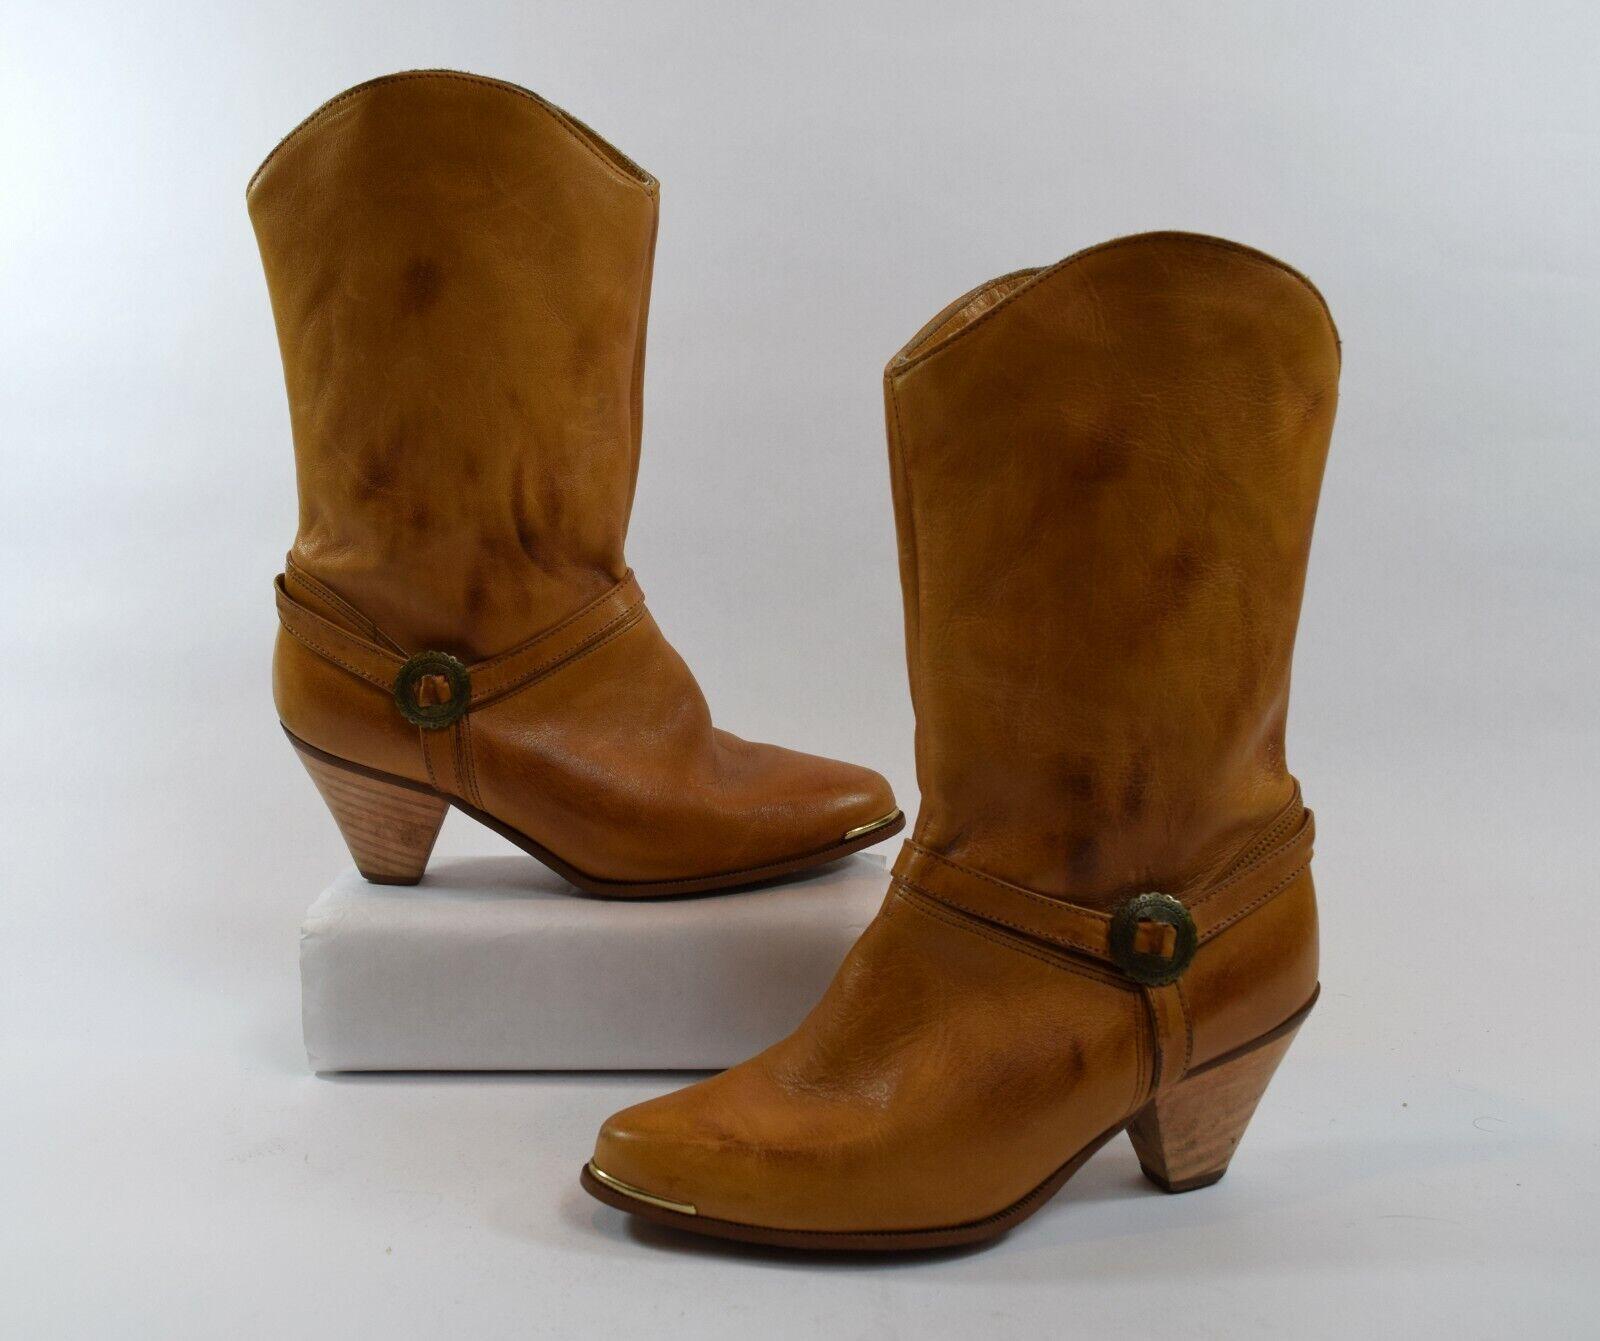 Vintage Marrón Cuero para mujeres botas de vaquero occidental tamaño 6M Hecho en EE. UU.